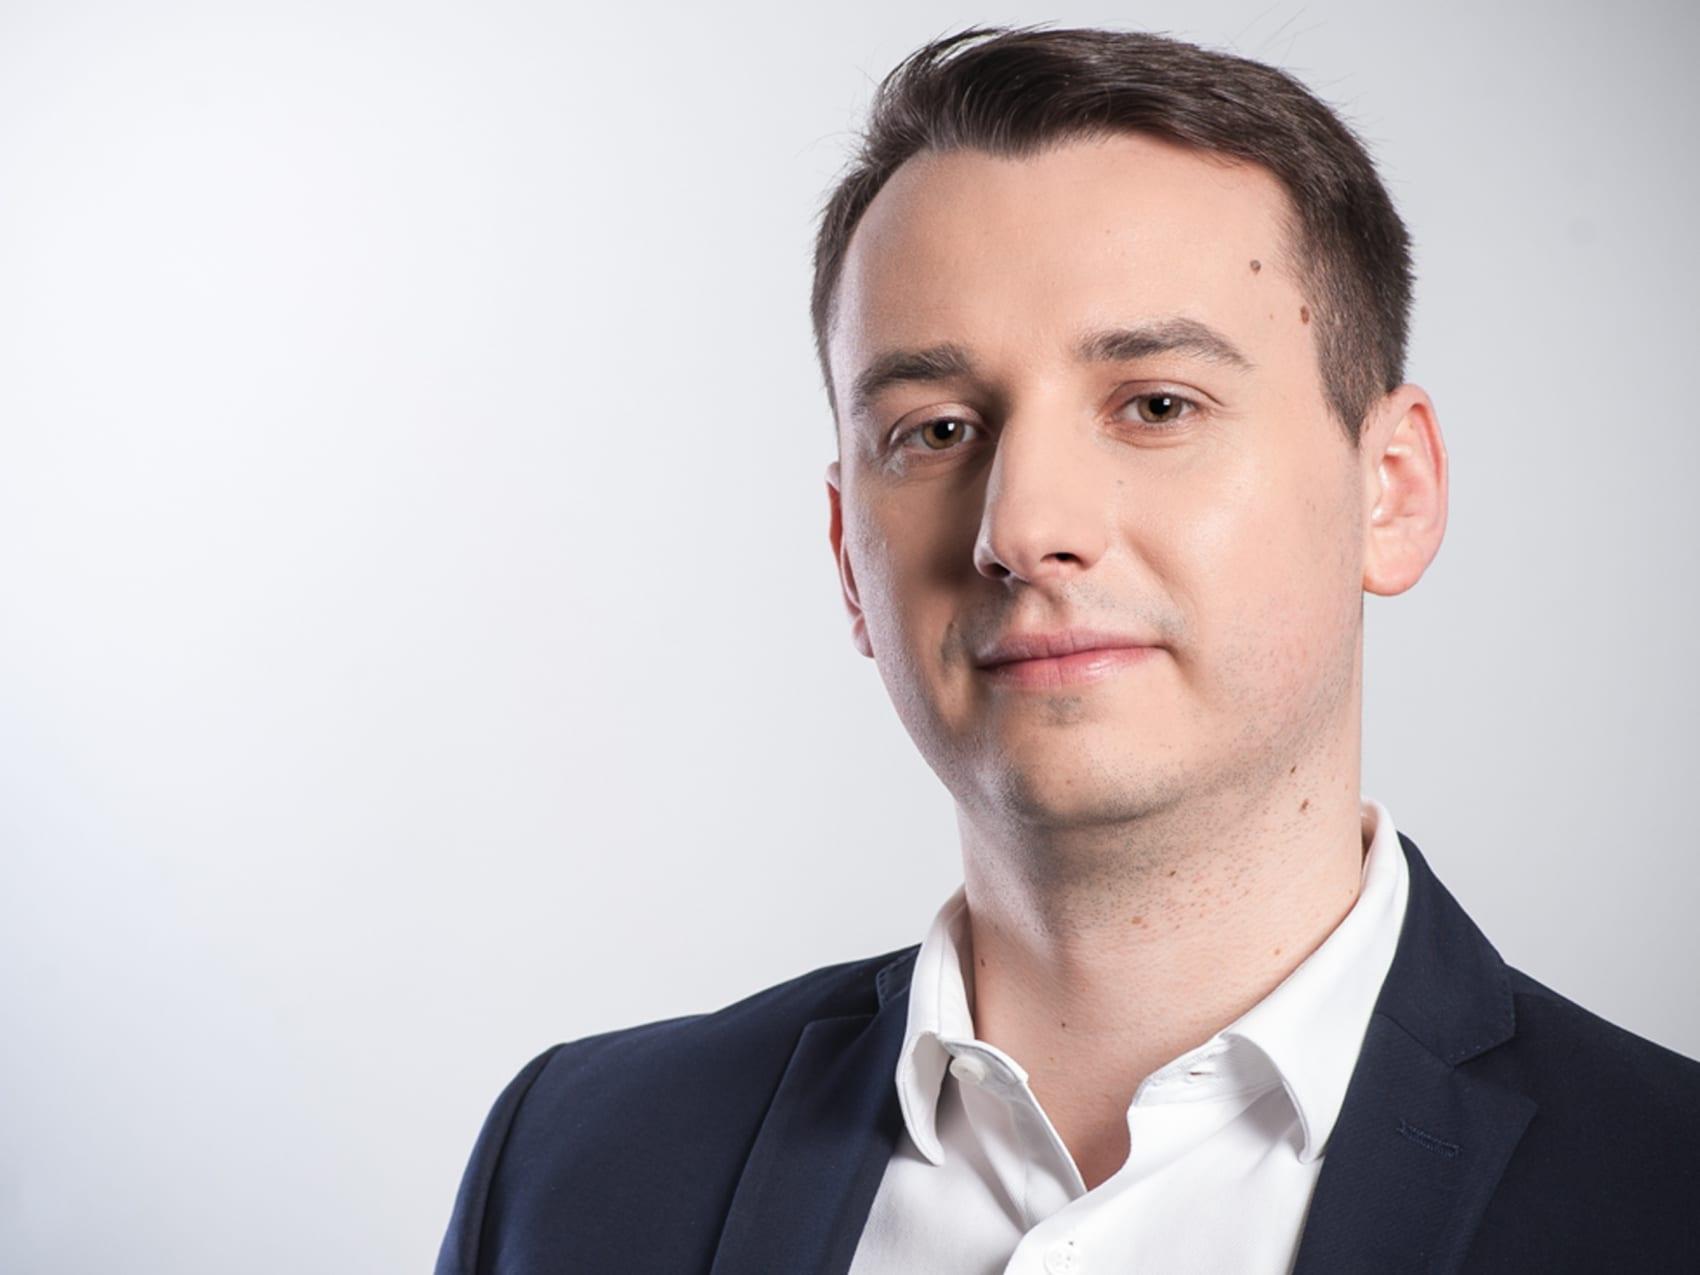 adam-gawryszewski